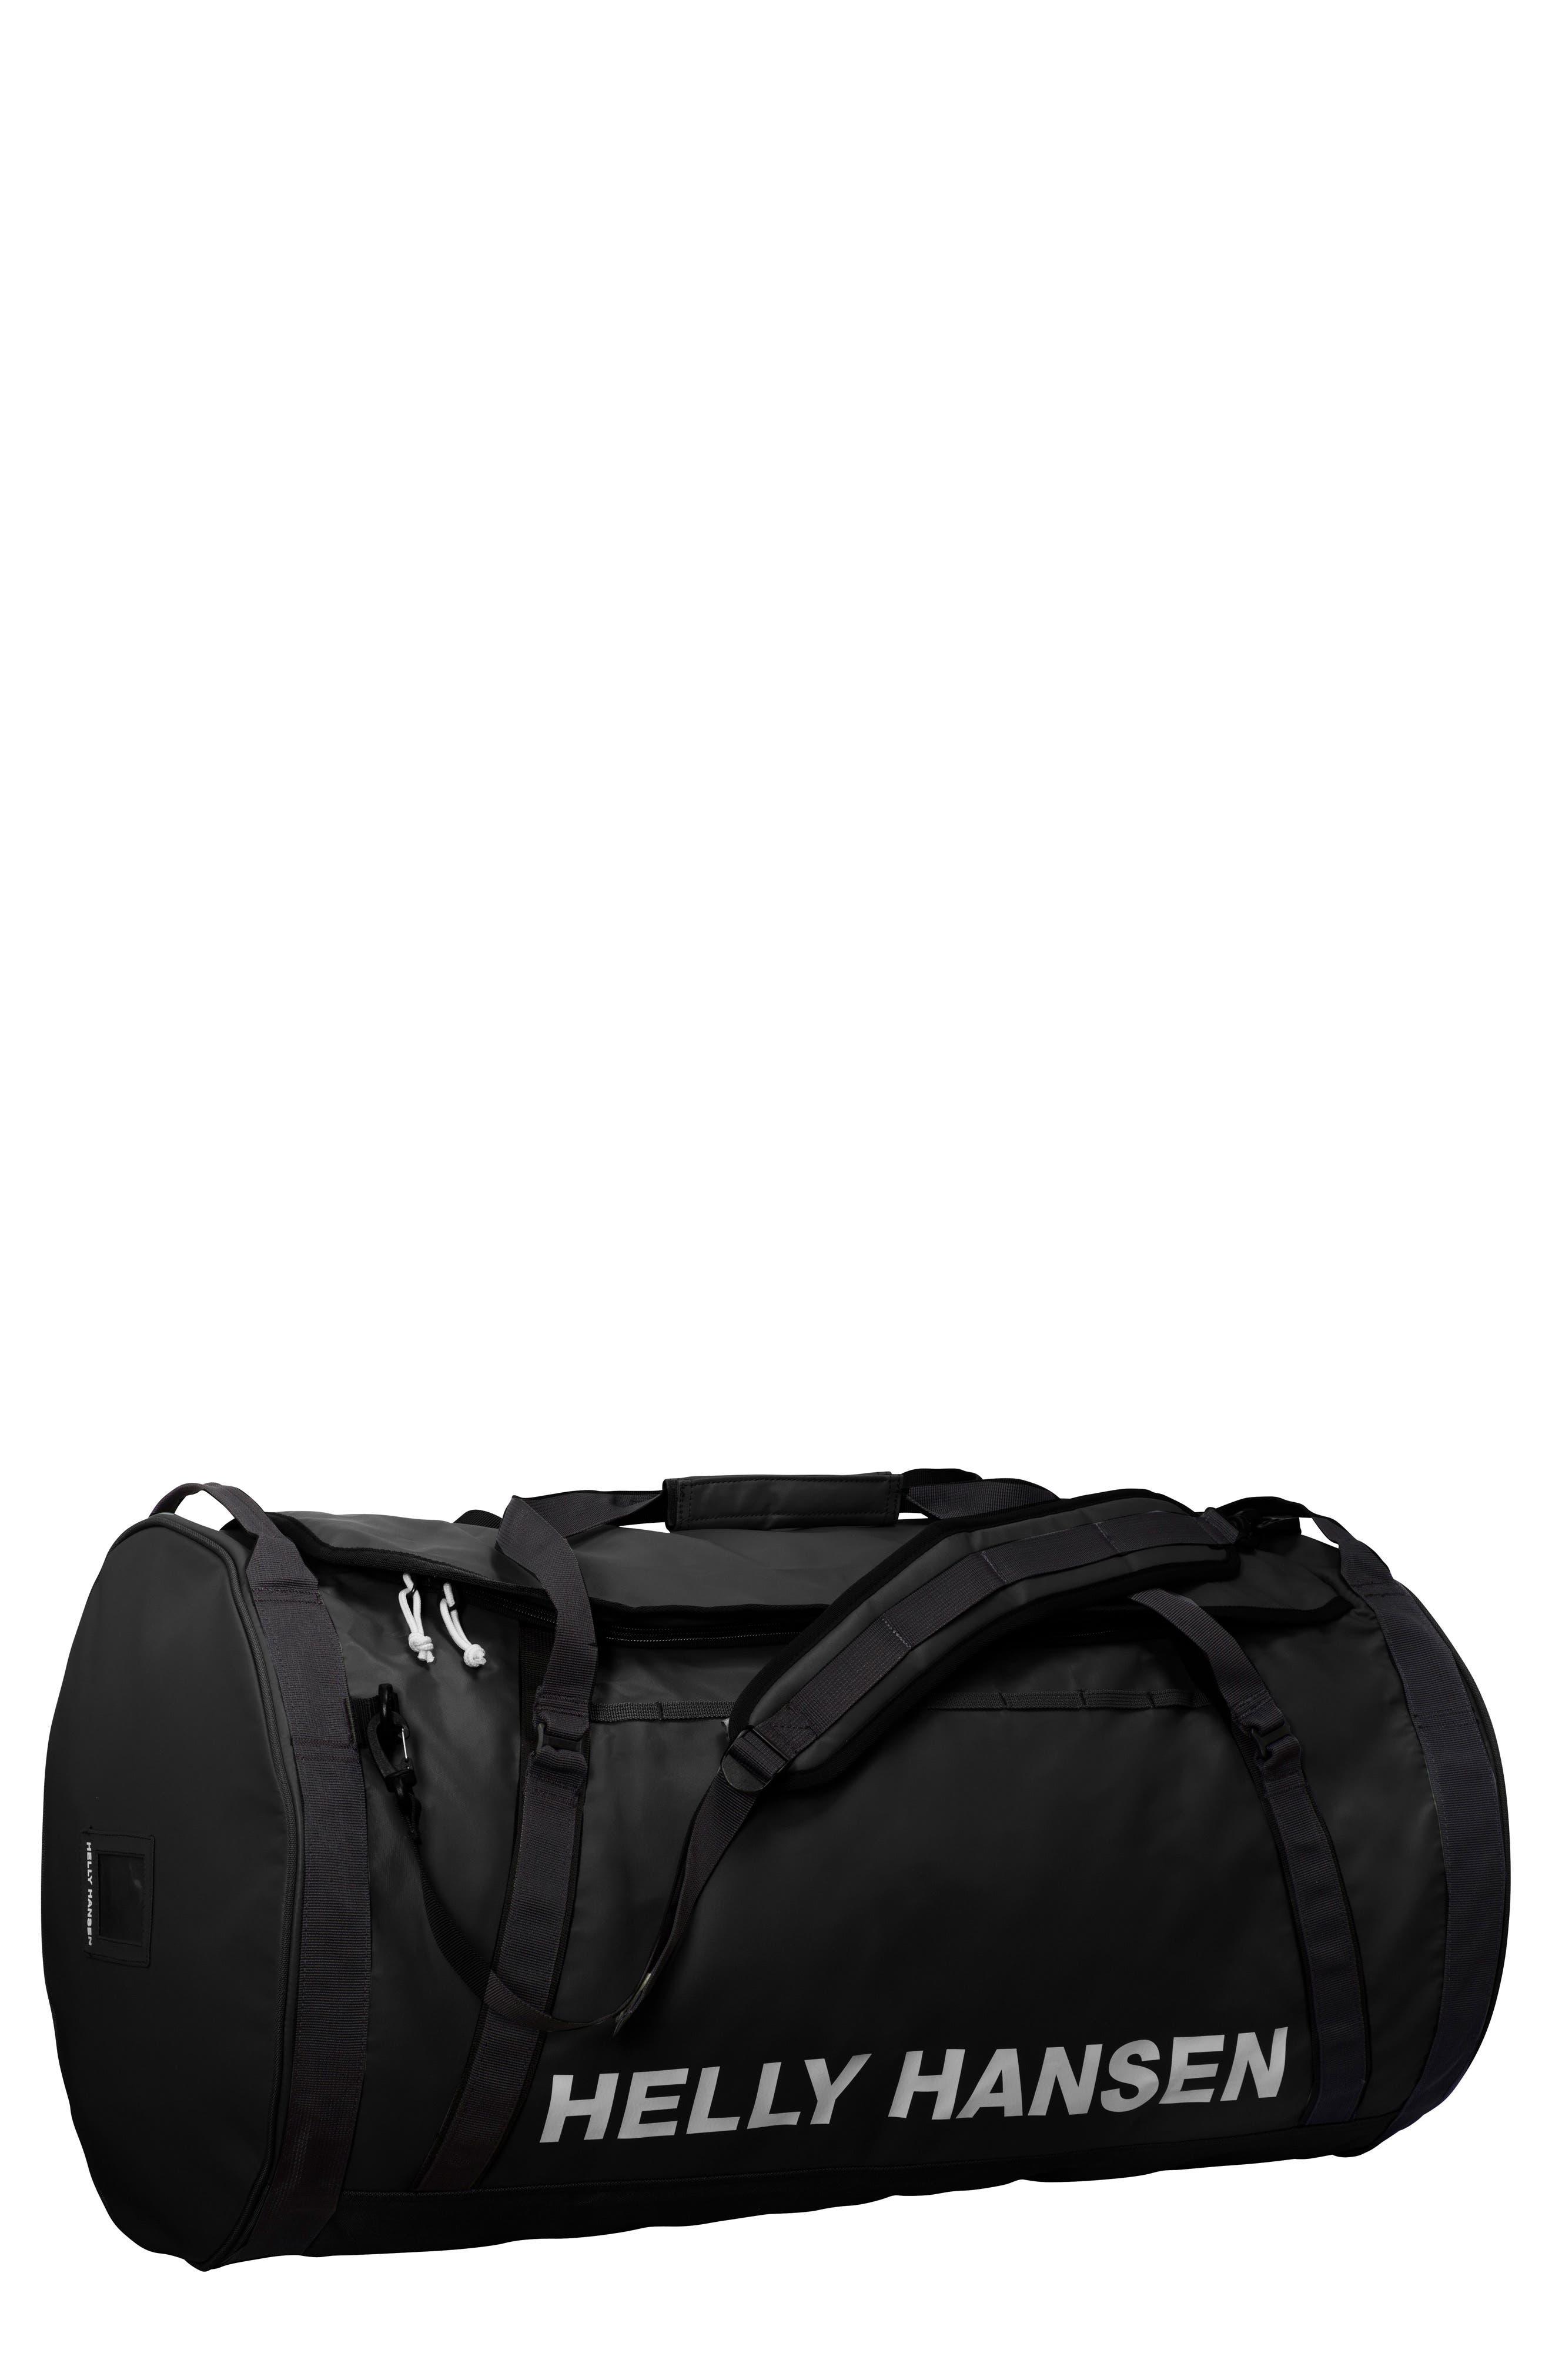 70-Liter Duffel Bag,                             Main thumbnail 1, color,                             009